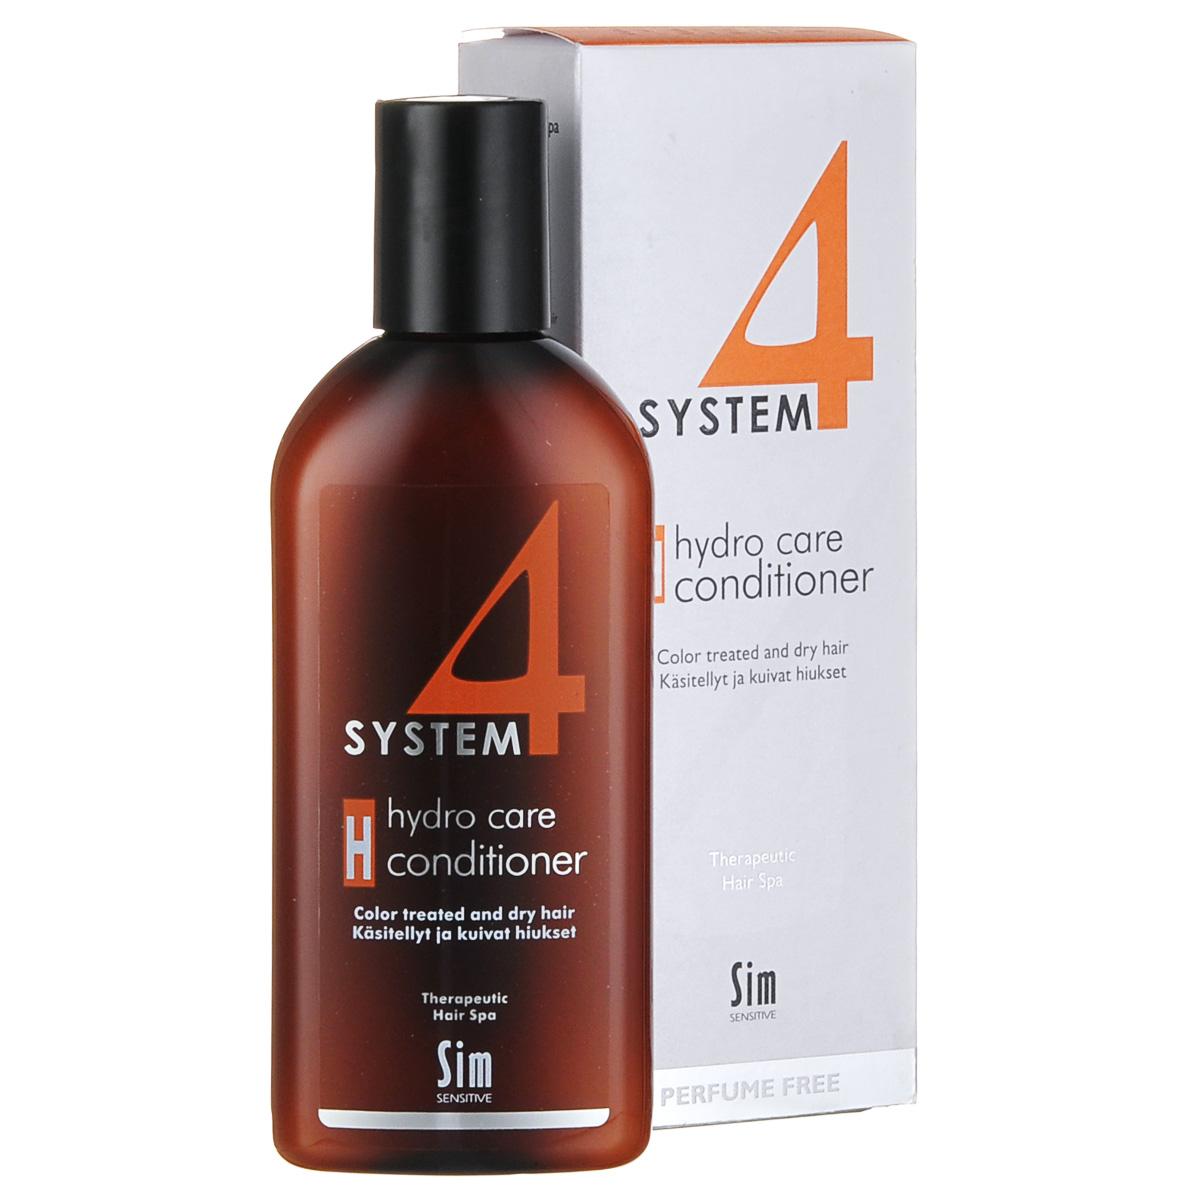 SIM SENSITIVE Терапевтический бальзам H SYSTEM 4 Hydro Care Conditioner «Н» , 215 мл5307КАК РАБОТАЕТ: комплекс пшеничных и растительных протеинов питает волосы и насыщает влагой сухие и поврежденные волосы. Климбазол и пироктон оламин усиливают и подкрепляют действие терапевтических шампуней «Систем 4». Бальзам улучшает структуру волоса, придает послушность и шелковистость.БОРЕТСЯ С: сухостью волос, непослушностью, спутыванием волосрасслоением стержня волоса поврежденностью и стрессом волос после окрашивания, химической обработки, частого воздействия горячих температур (фен, утюжки)